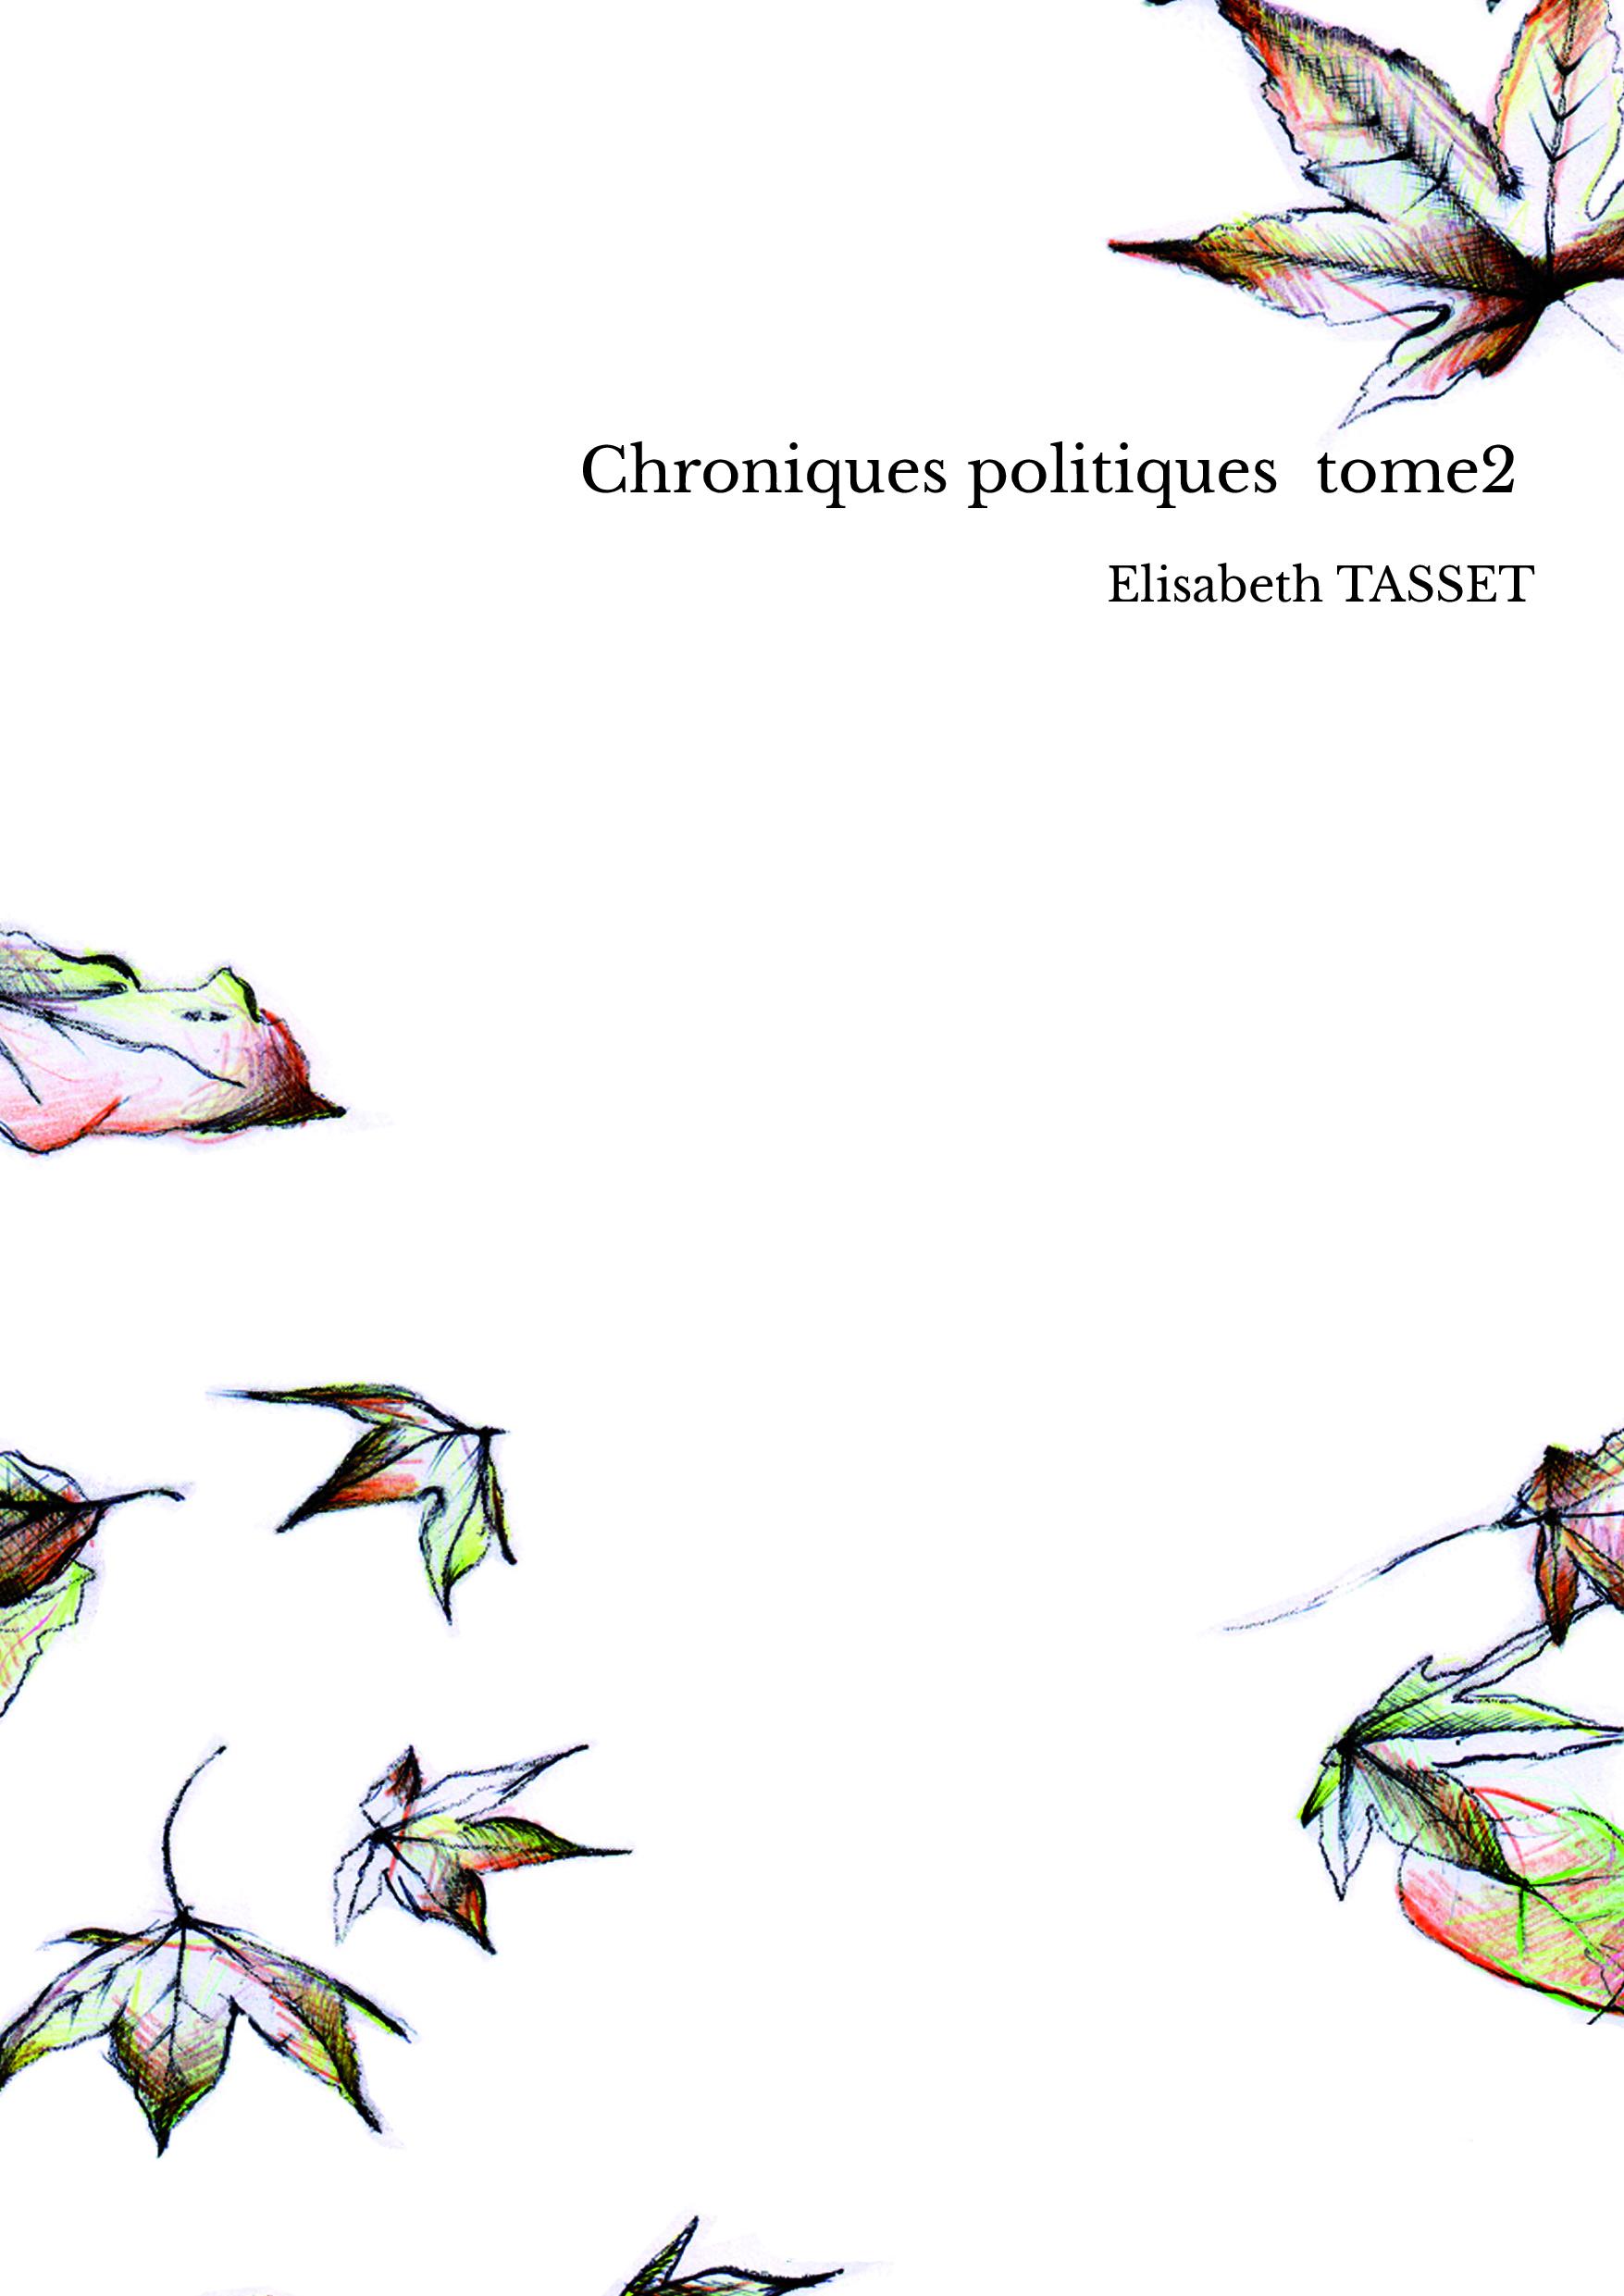 Chroniques politiques tome2